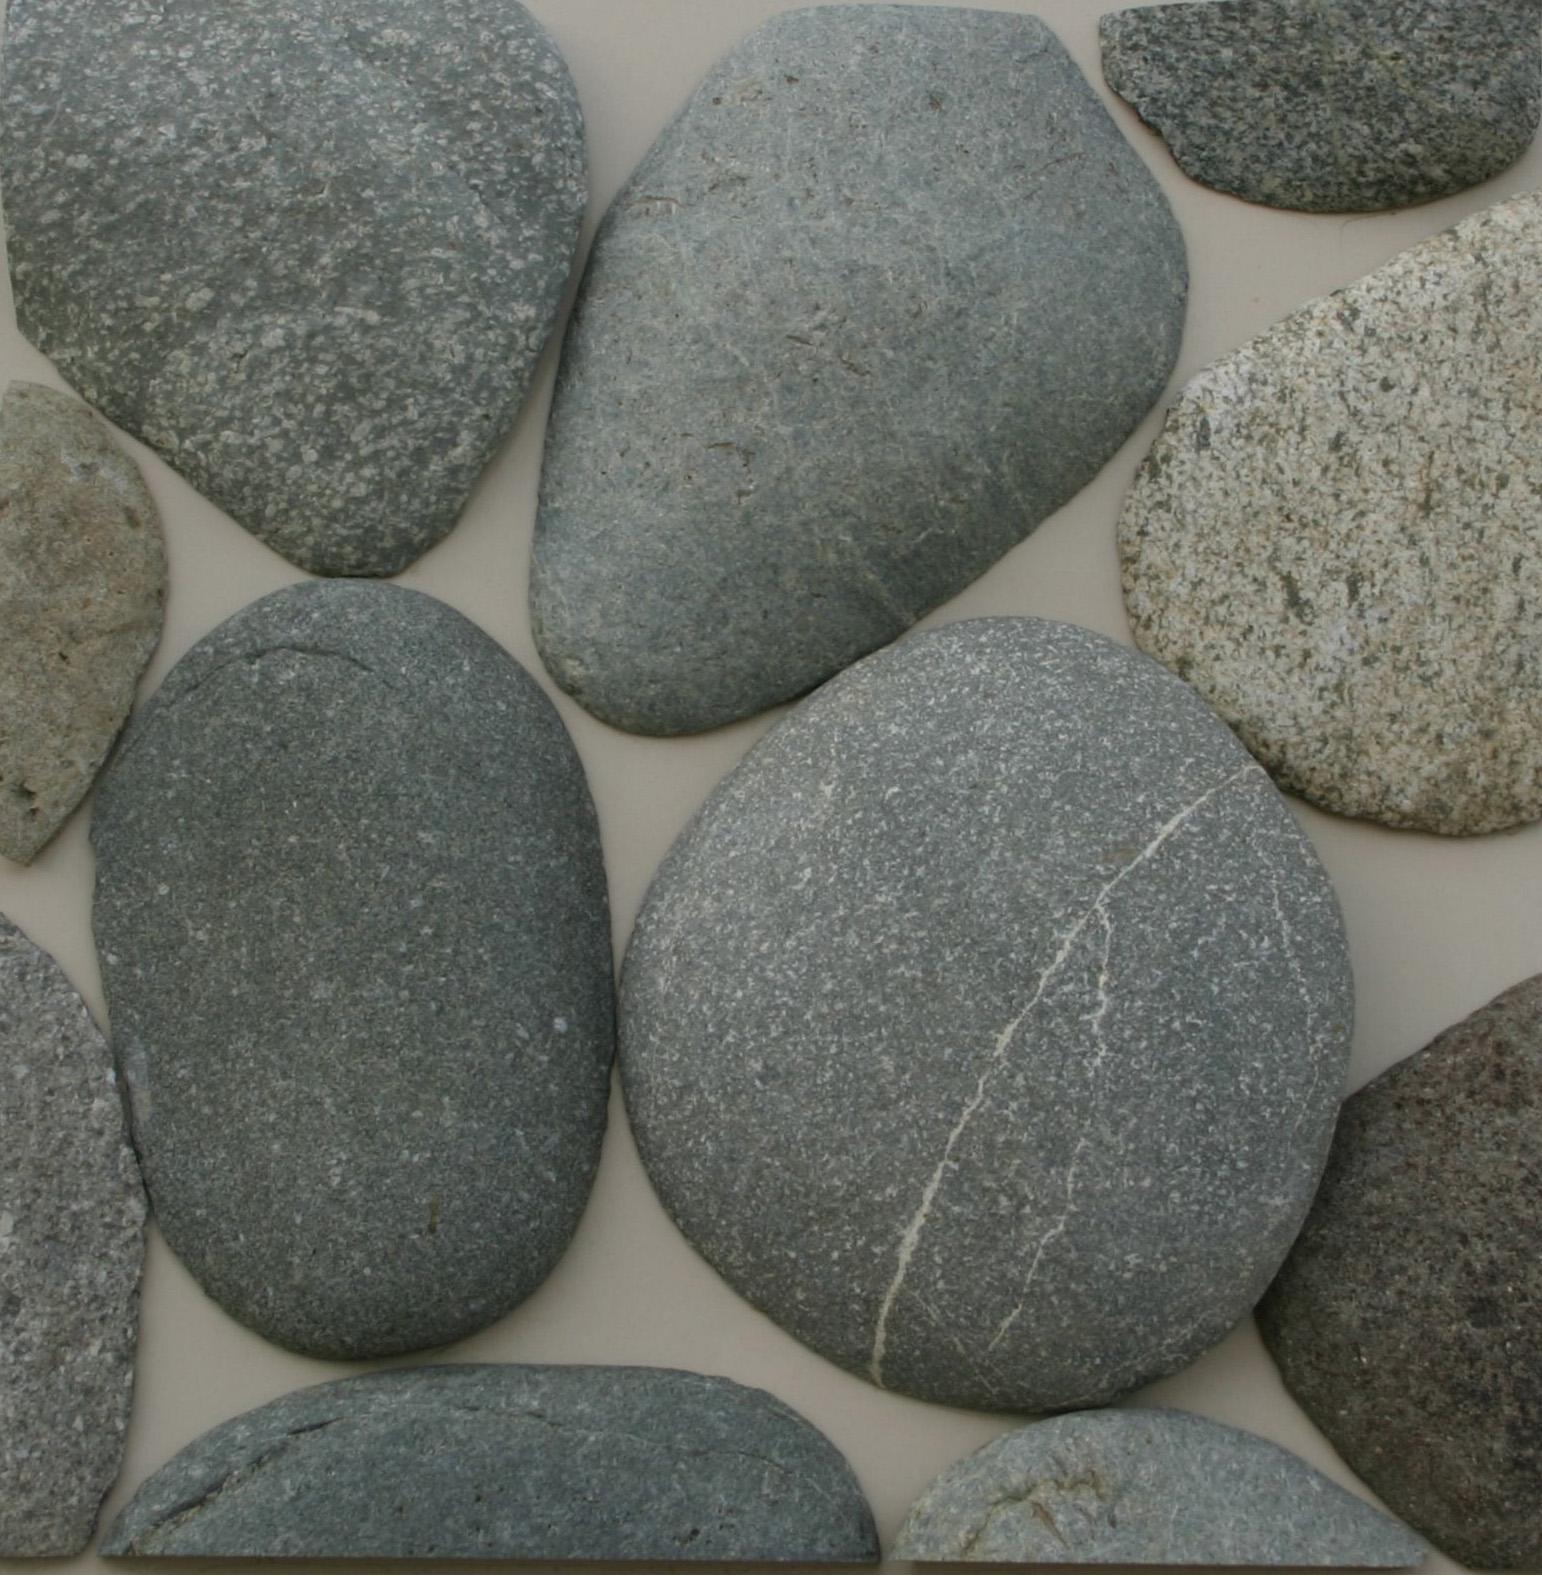 Речной валун неокантованный односторонней обработки - добыча и продажа природного камня